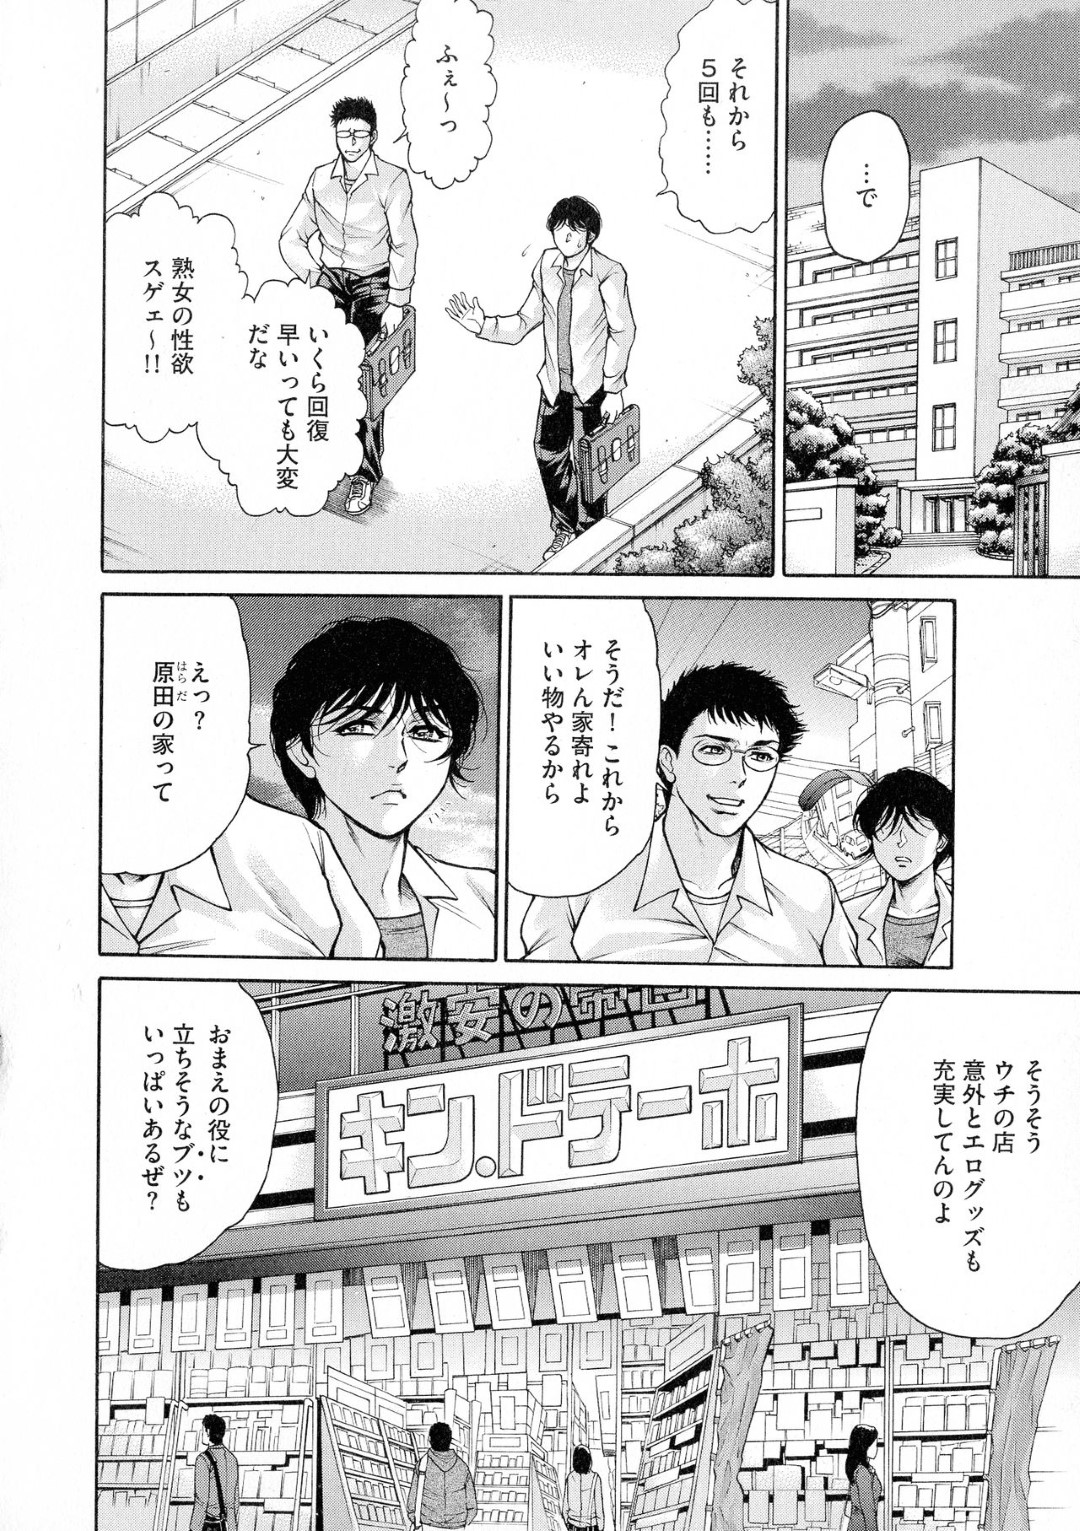 【エロ漫画】息子とヤりまくる熟女母親は二穴玩具責めにされてイキまくりアナルセックスでケツアクメ